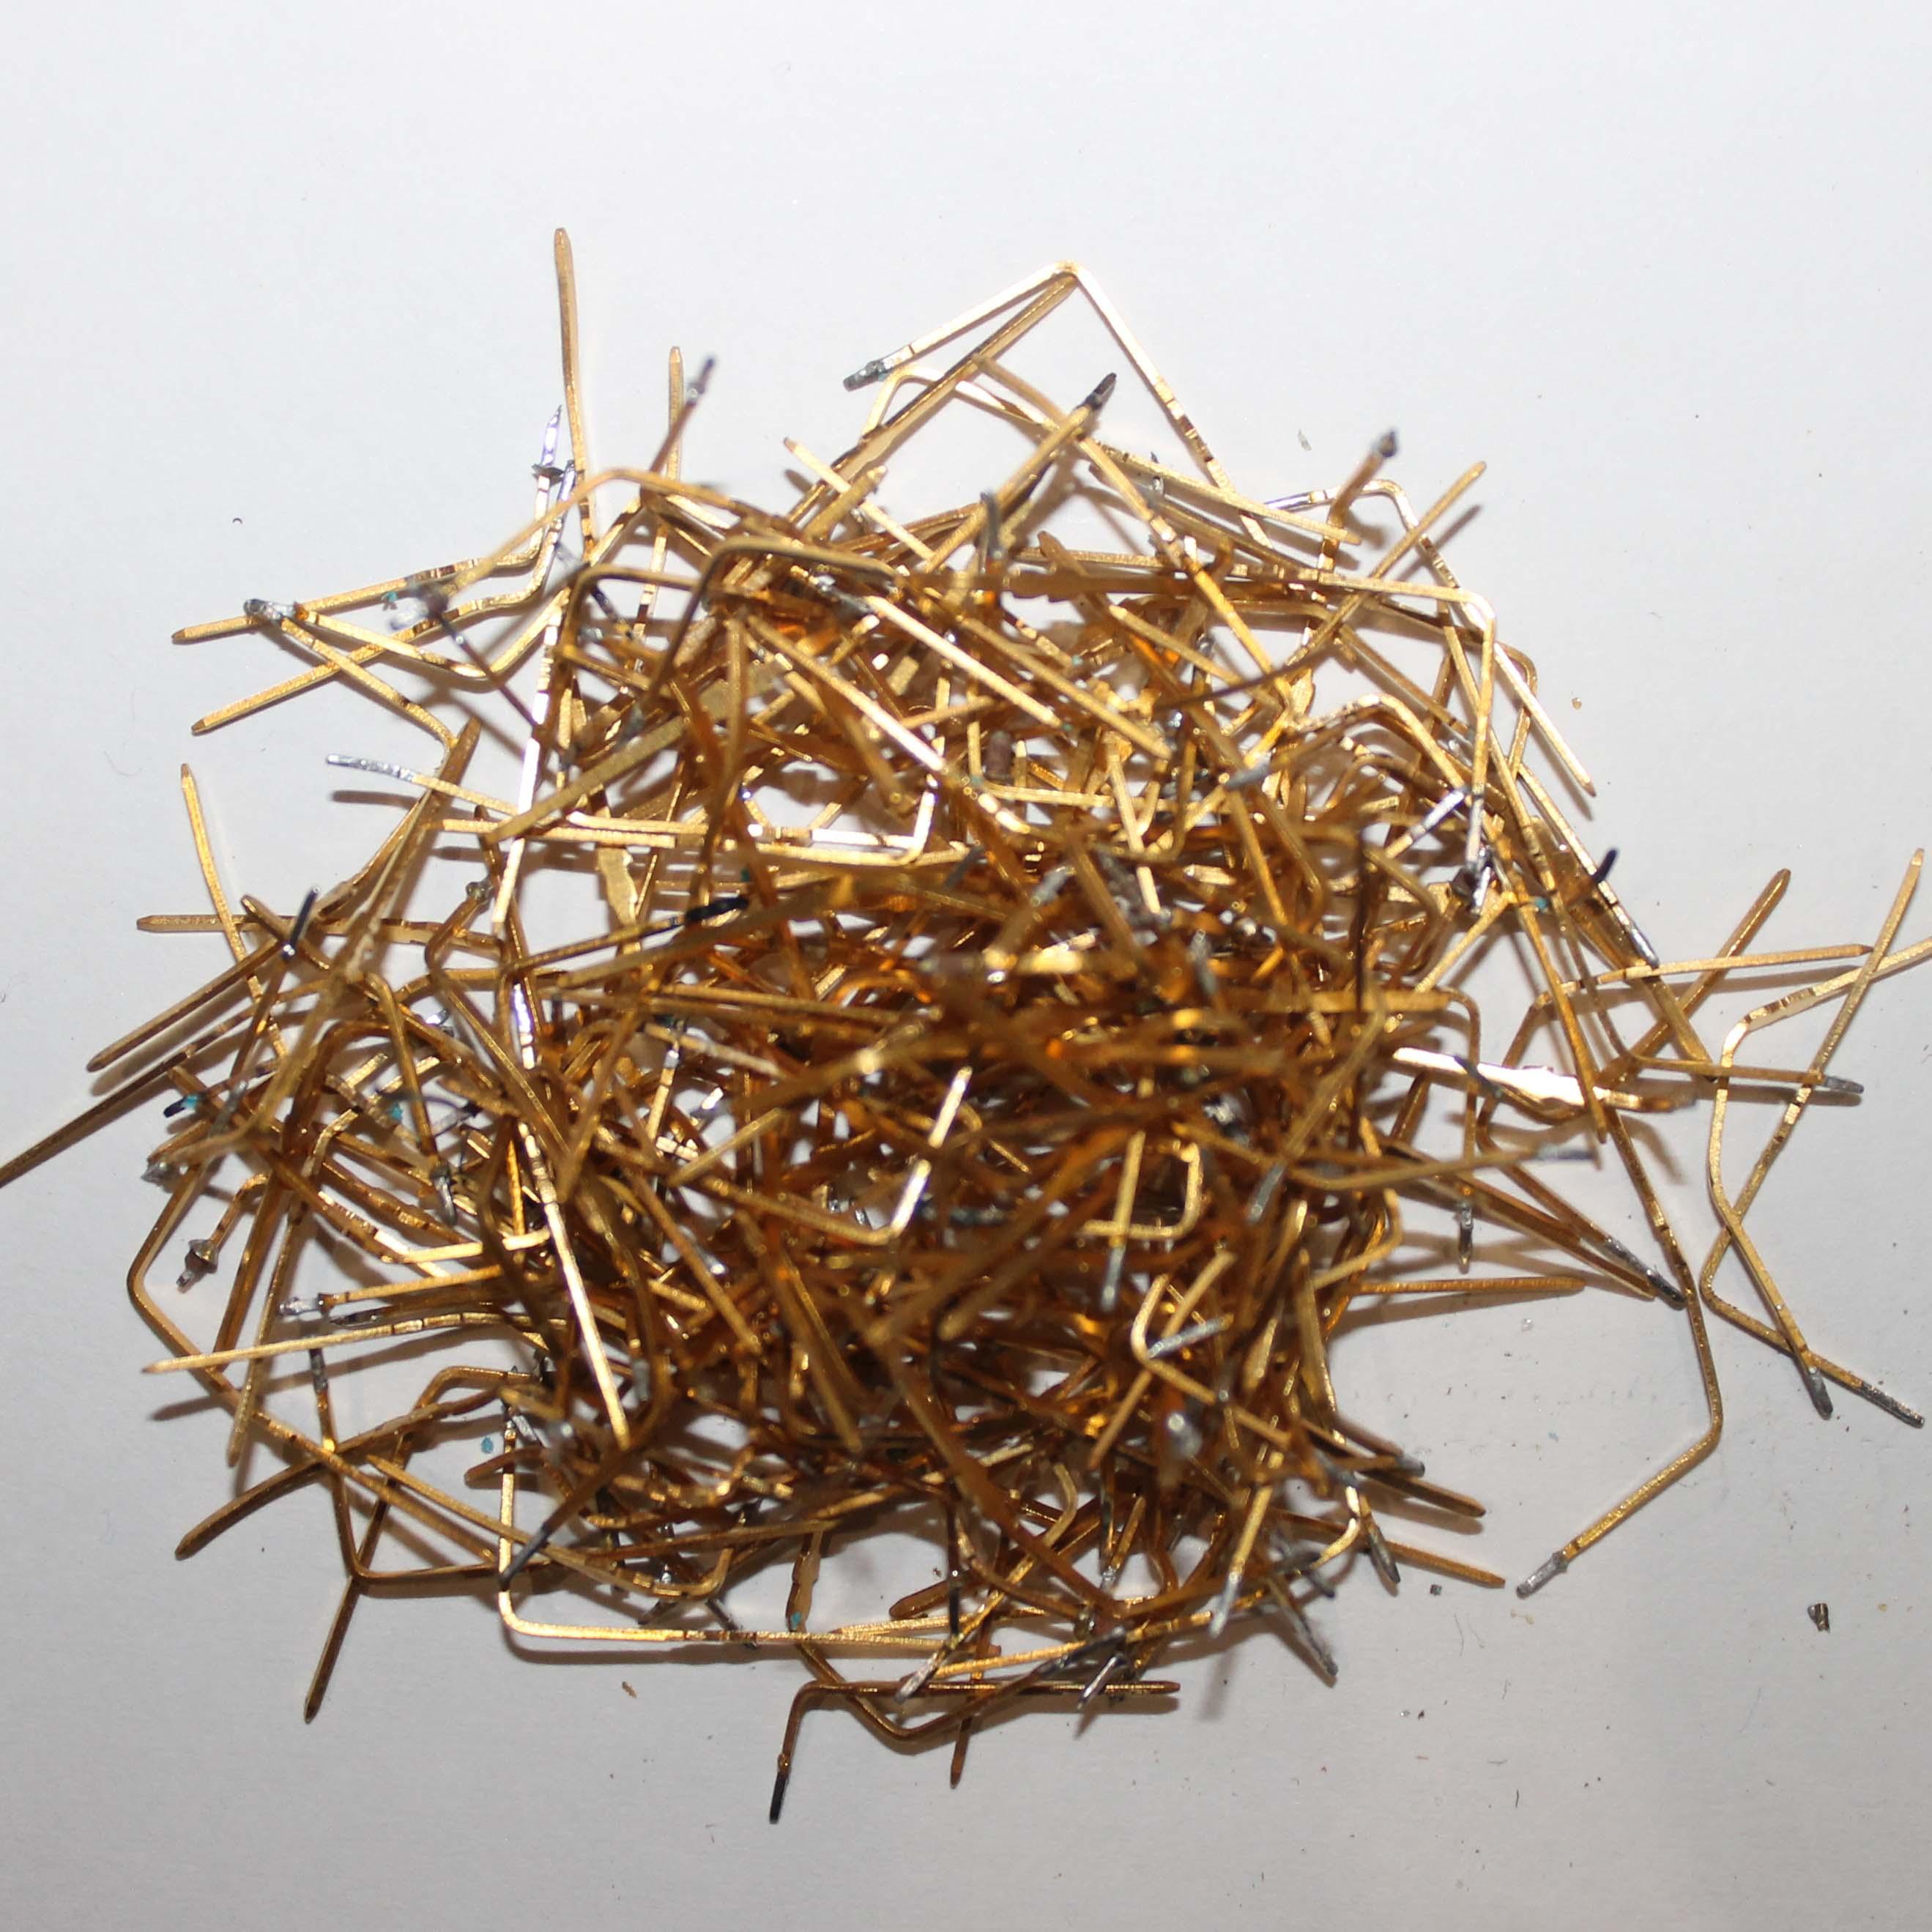 Скупка золота на лом в харькове цена за грамм 585 на сегодня в